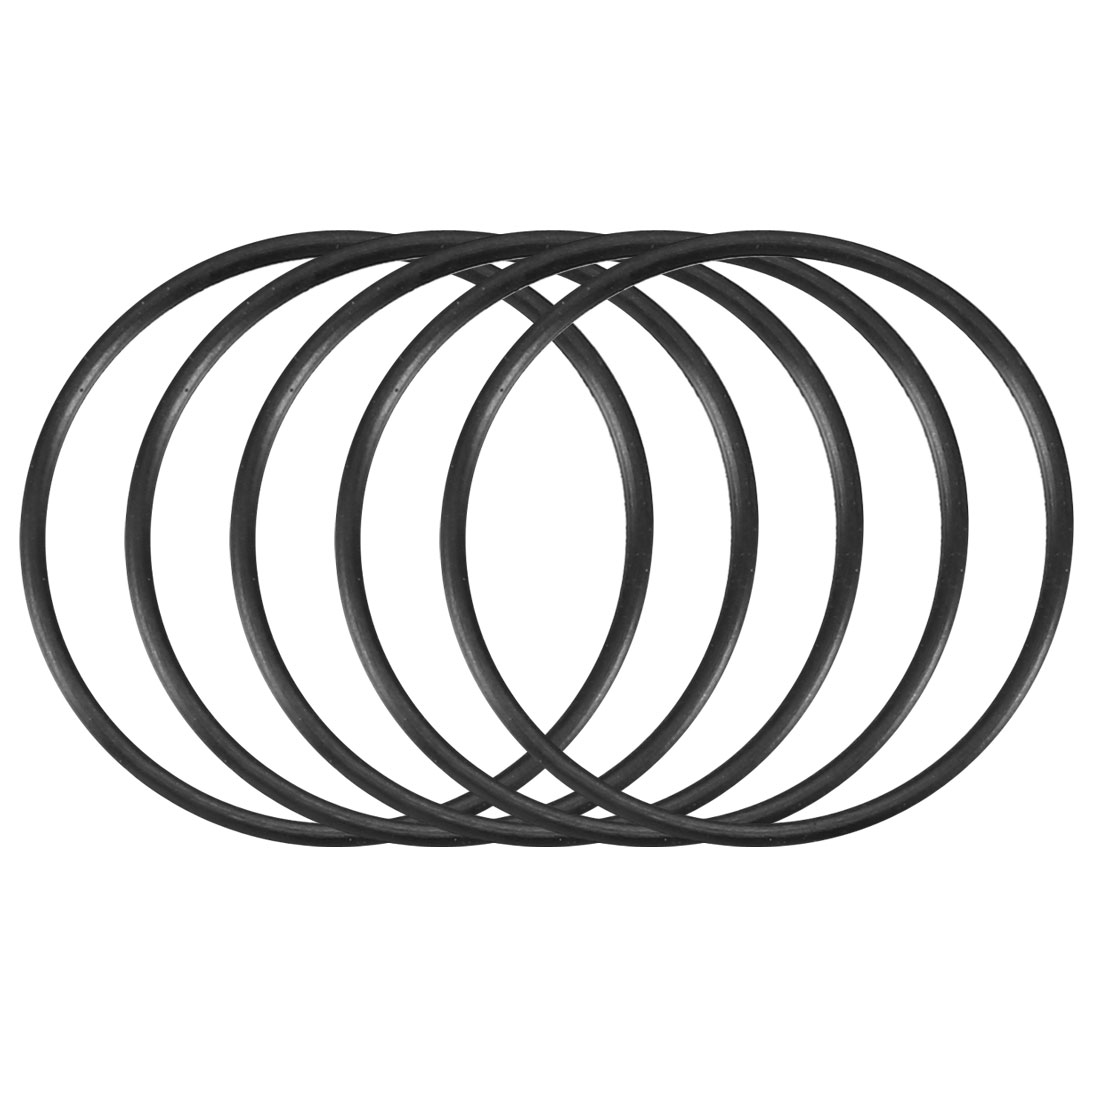 30pcs Black Nitrile Butadiene Rubber NBR O-Ring 16.2mm Inner Dia 0.8mm Width